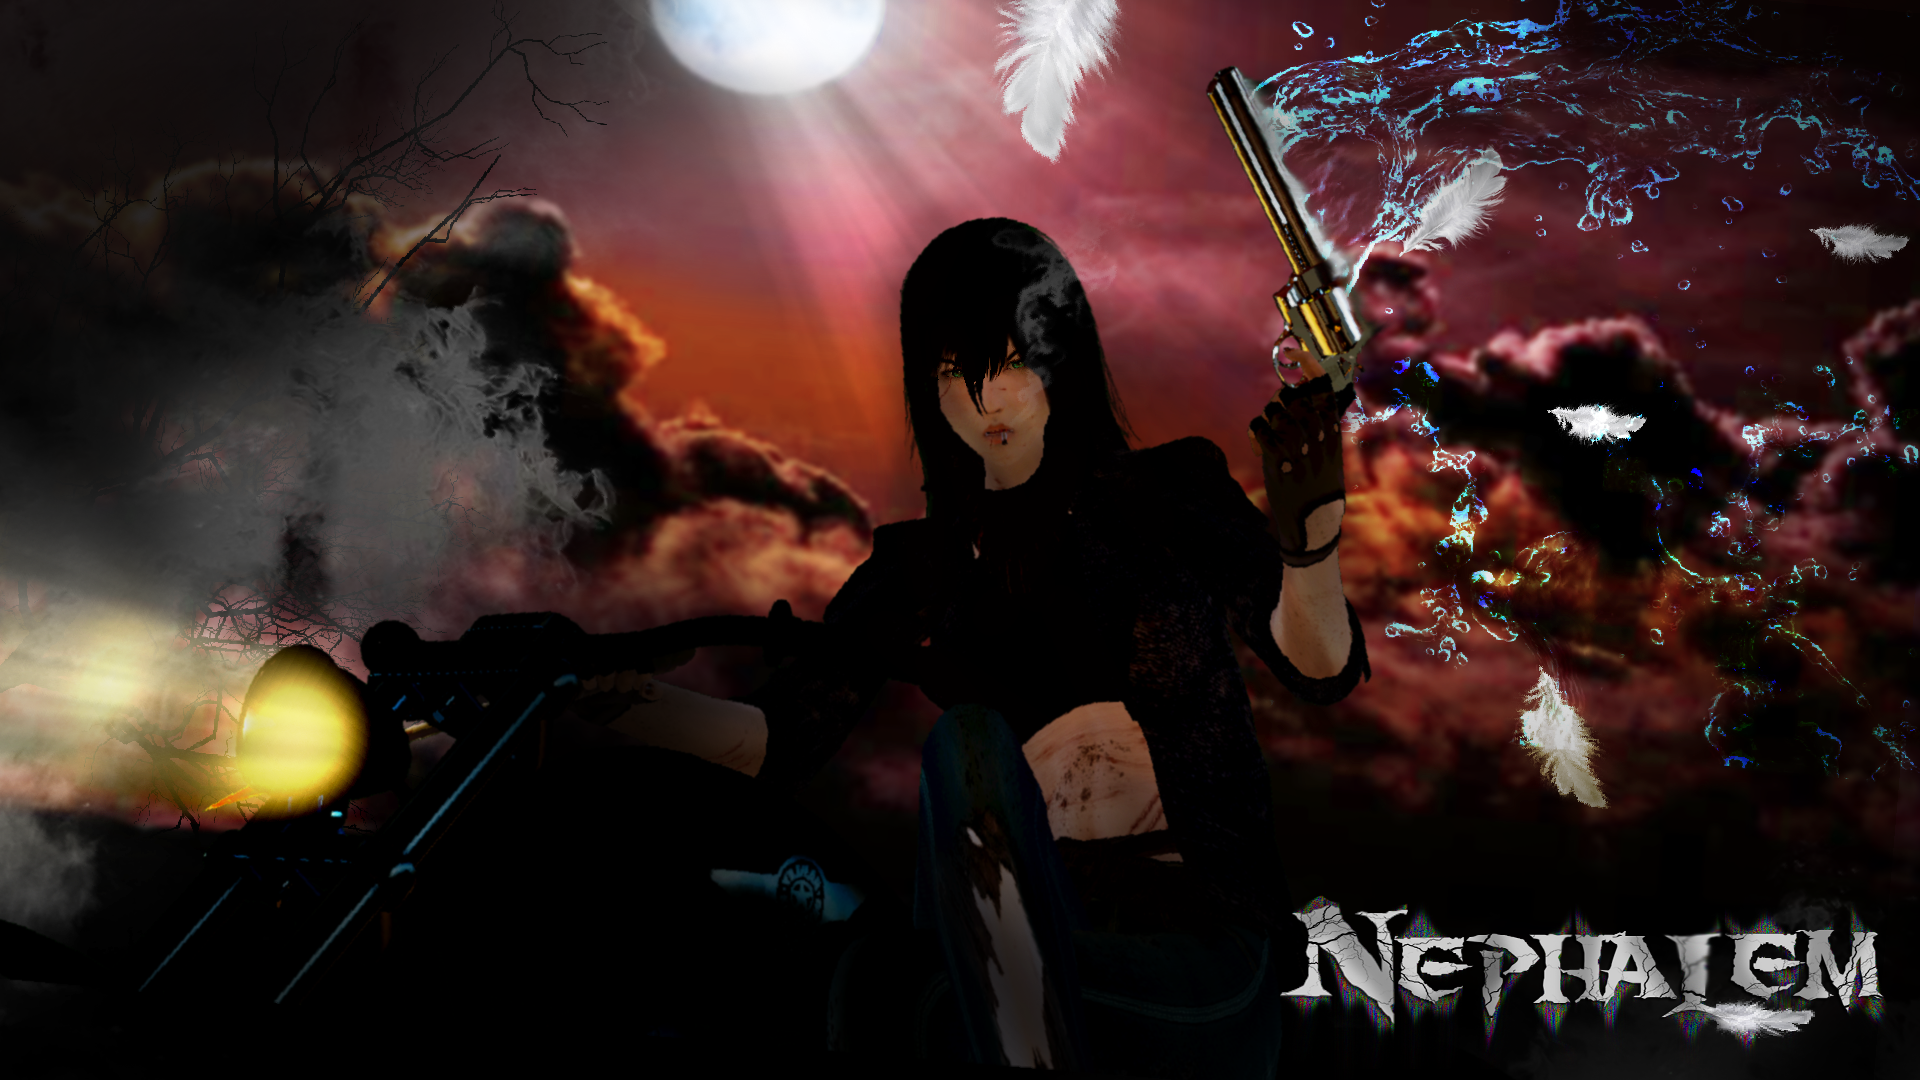 Nephalùme255